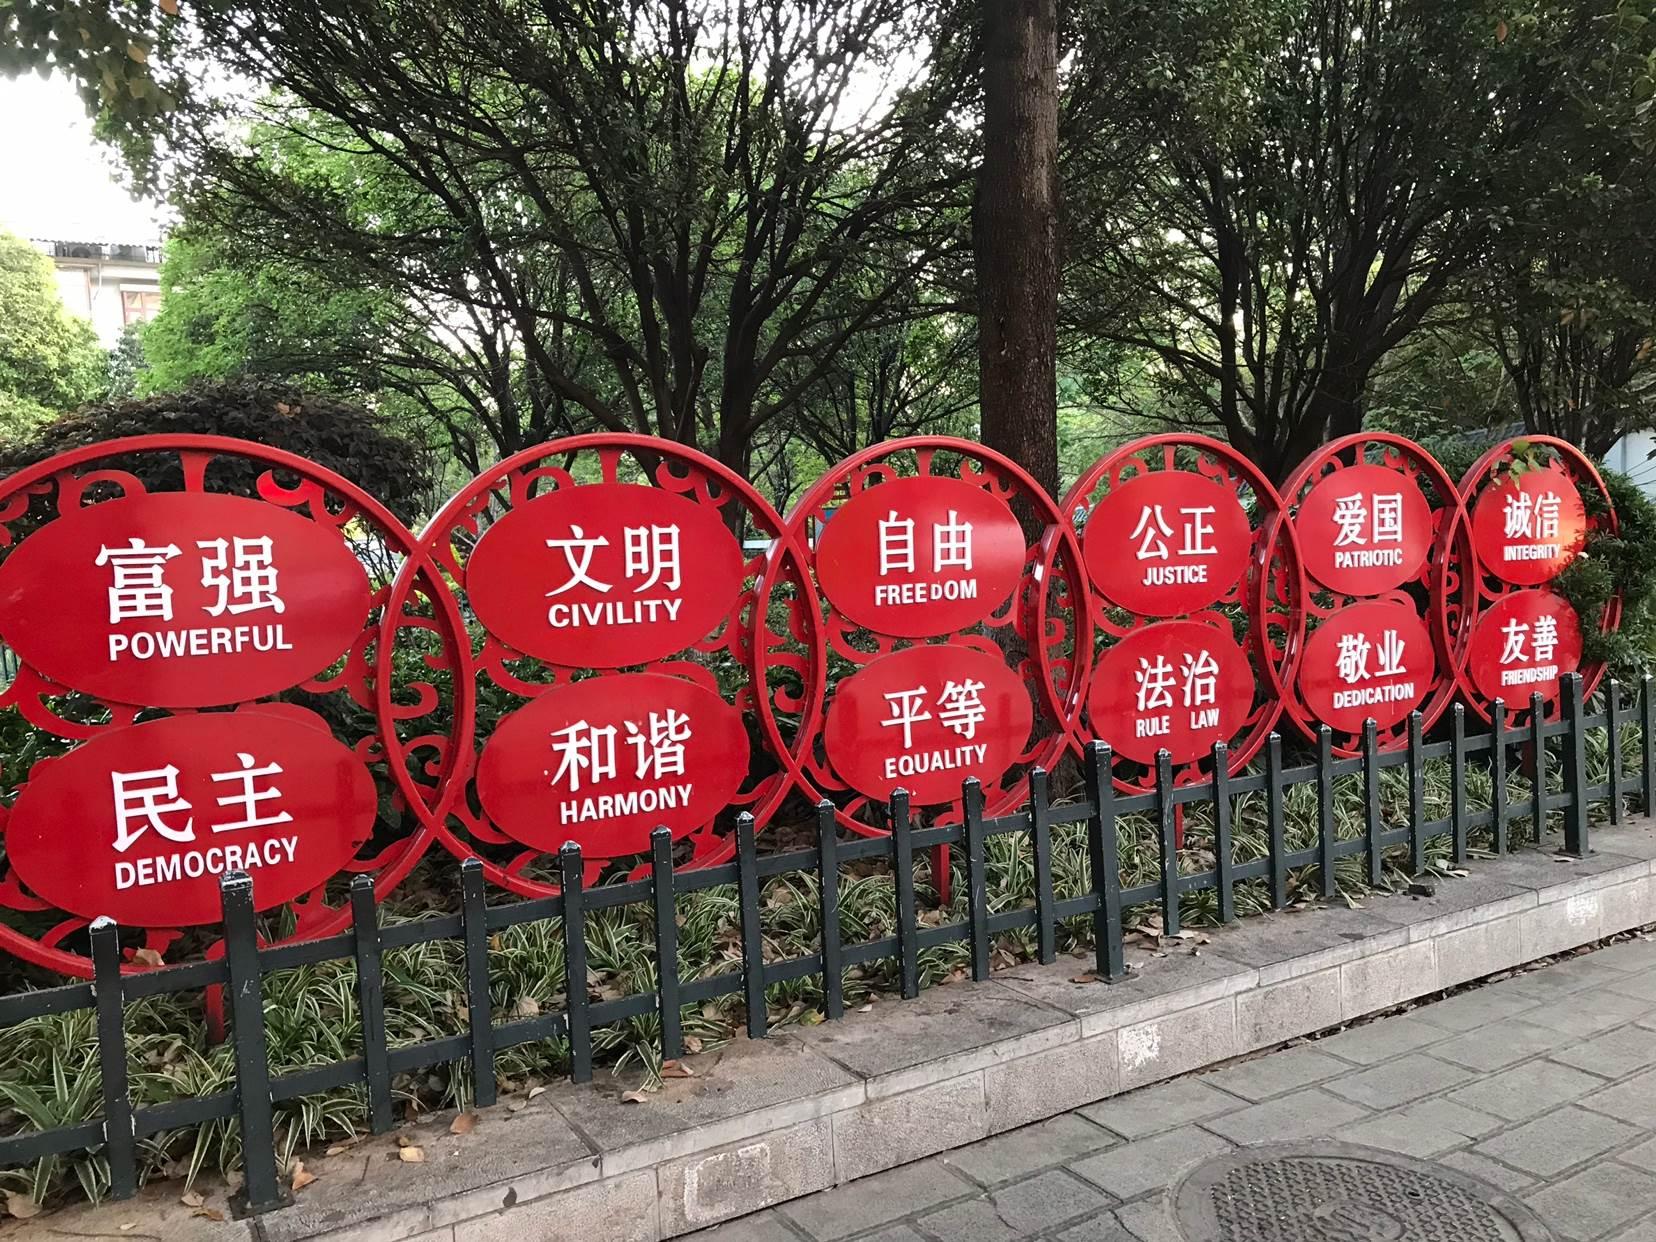 ค่านิยม 12 ประการฉบับคุนหมิง